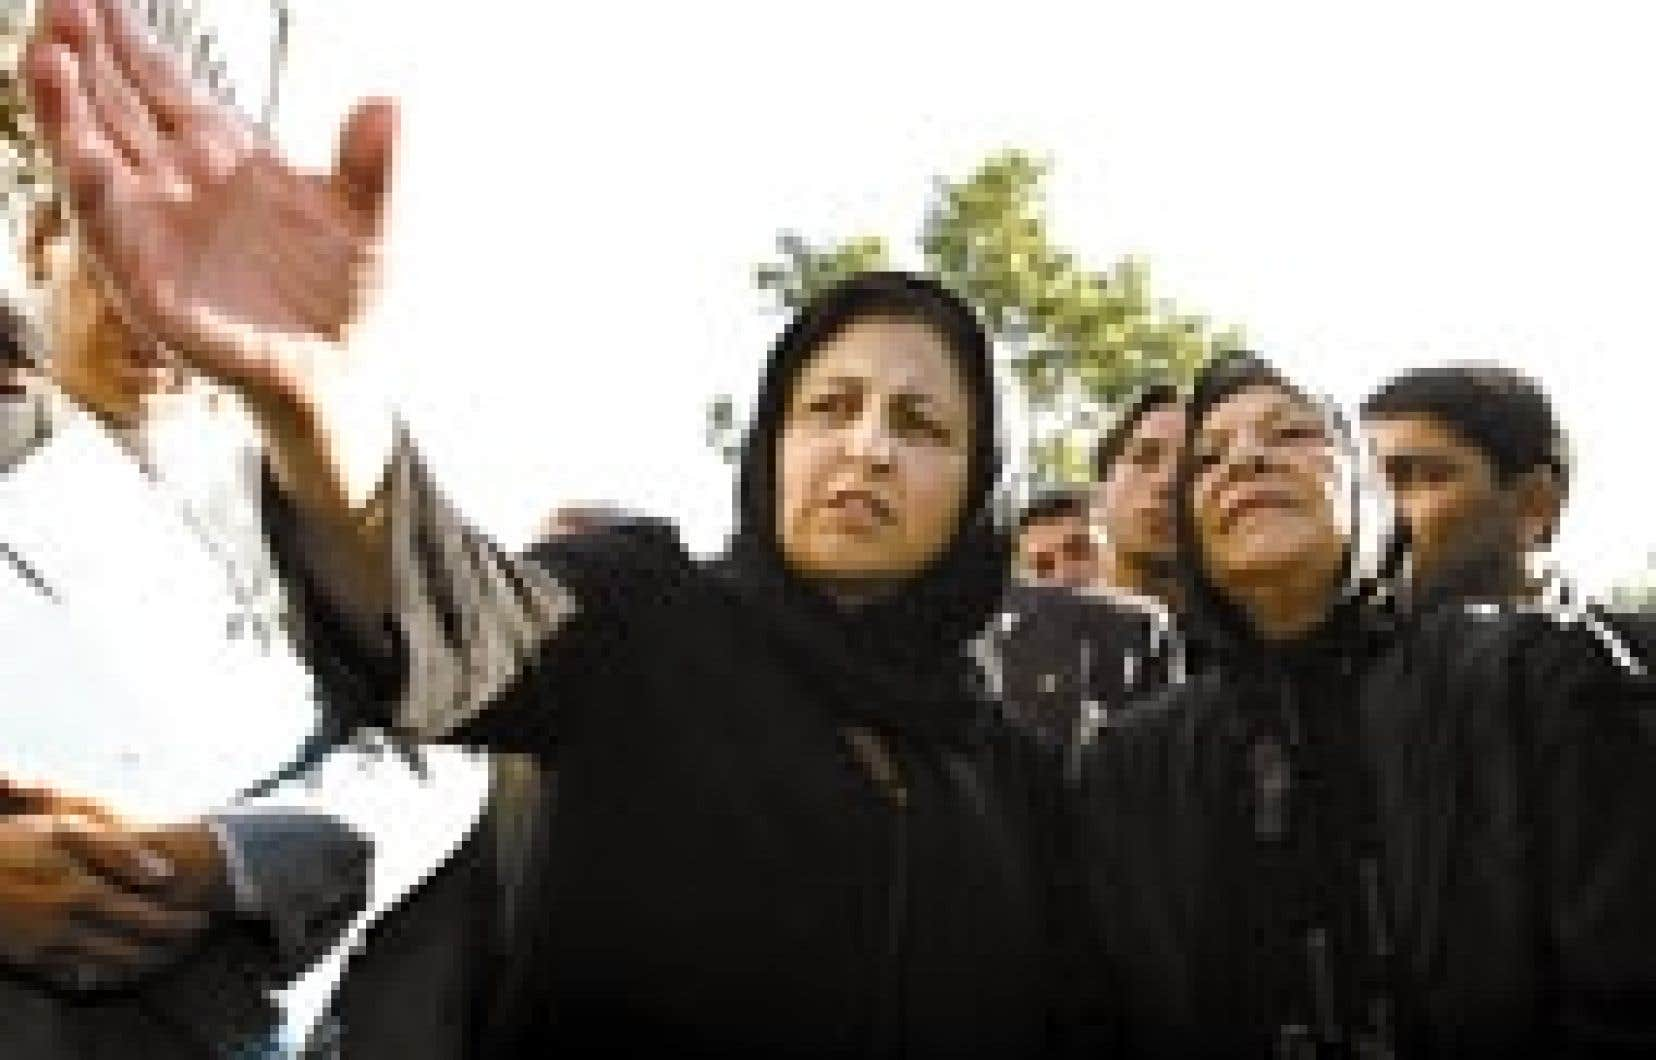 «Ce tribunal est inacceptable», a déclaré Shirin Ebadi (à droite), avocate de la famille Kazemi, que l'on voit ici en compagnie d'Ezzat Kazemi, la mère de la photojournaliste morte en détention.